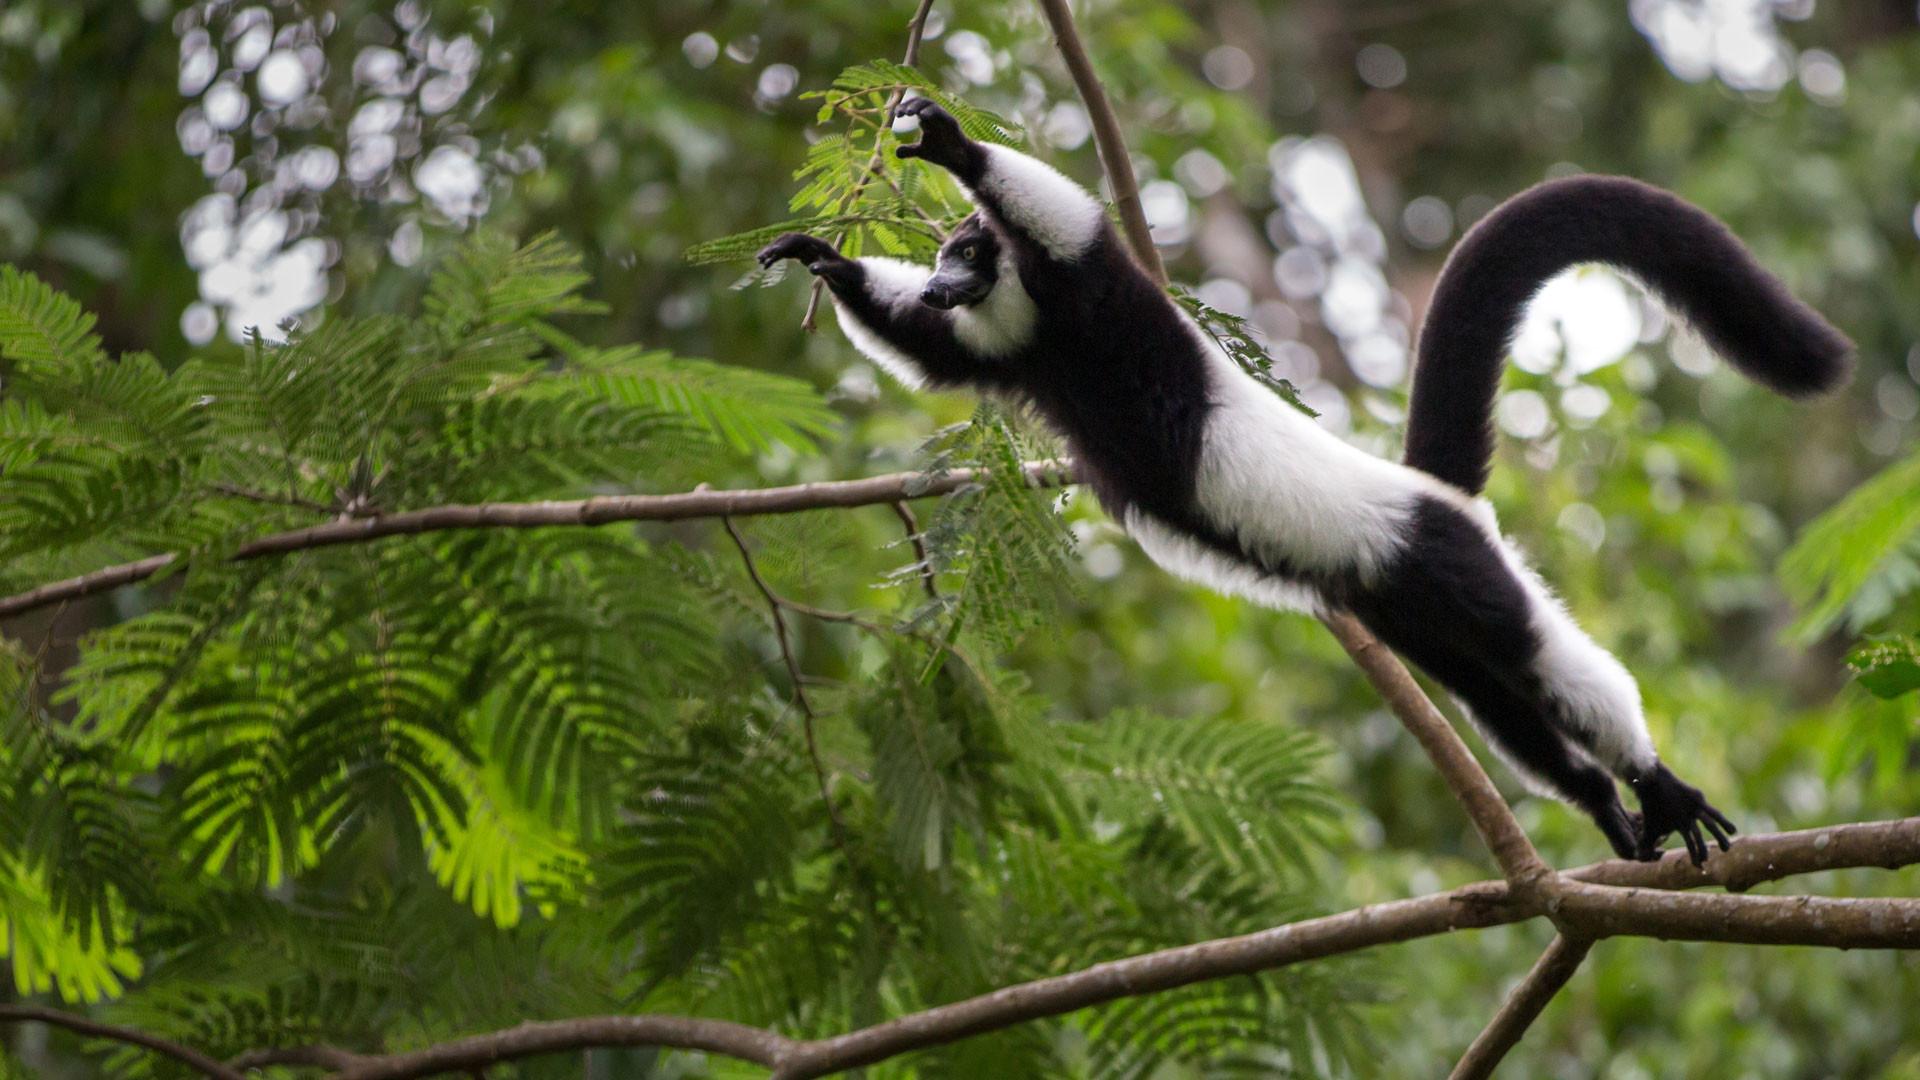 Res: 1920x1080, lemur images